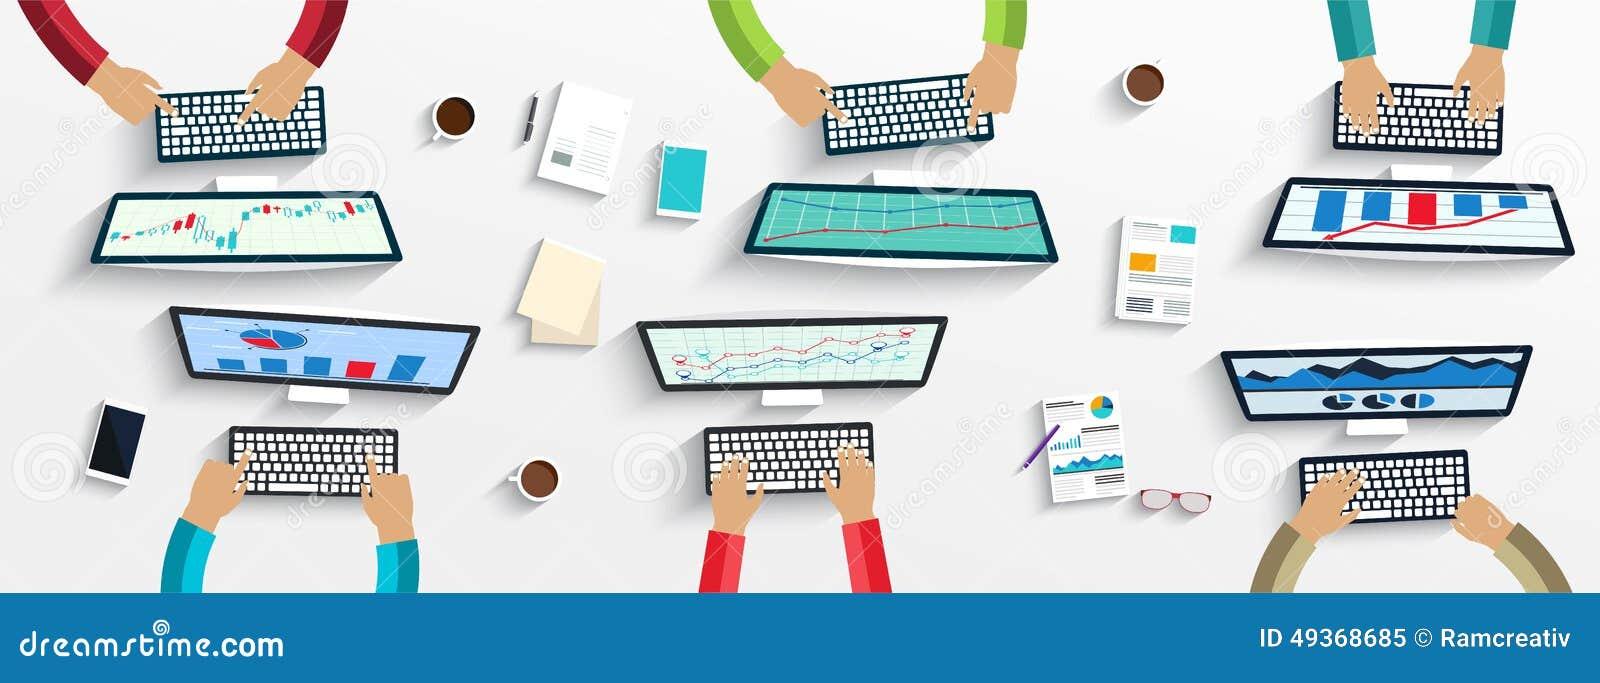 Grupo de executivos que trabalham usando dispositivos digitais em portáteis, computadores